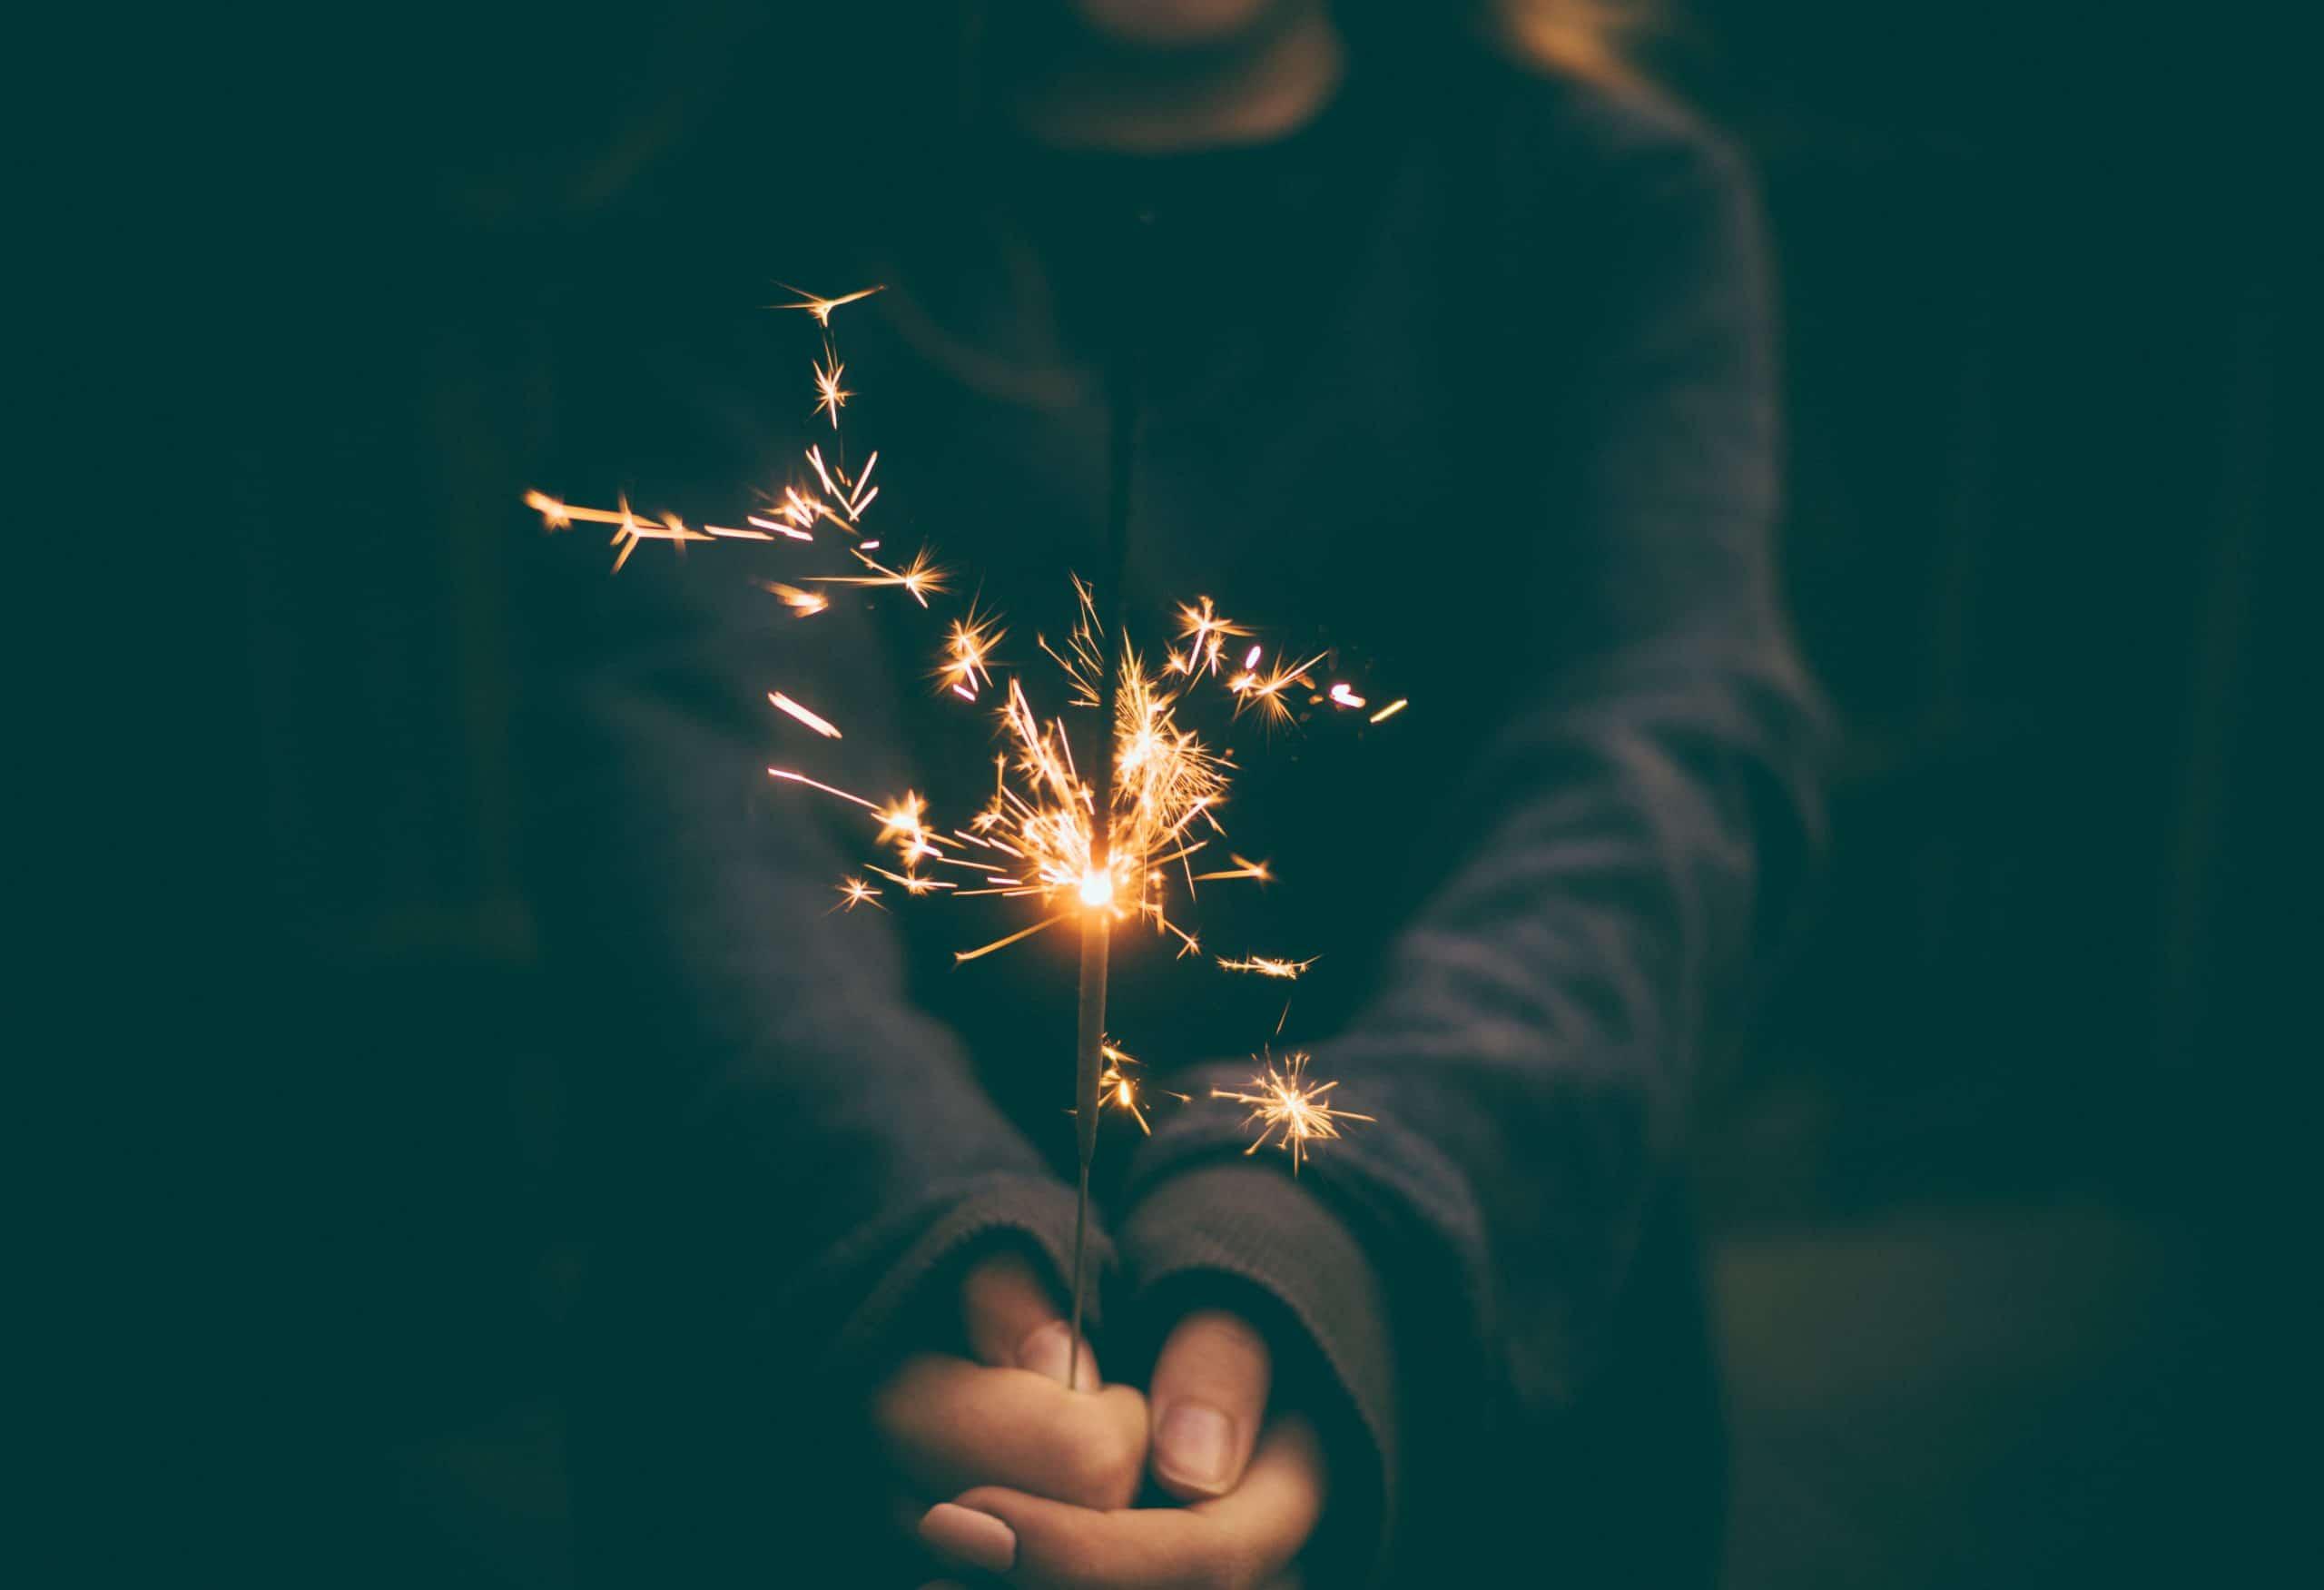 Mãos de moletom segurando vela de faísca queimando